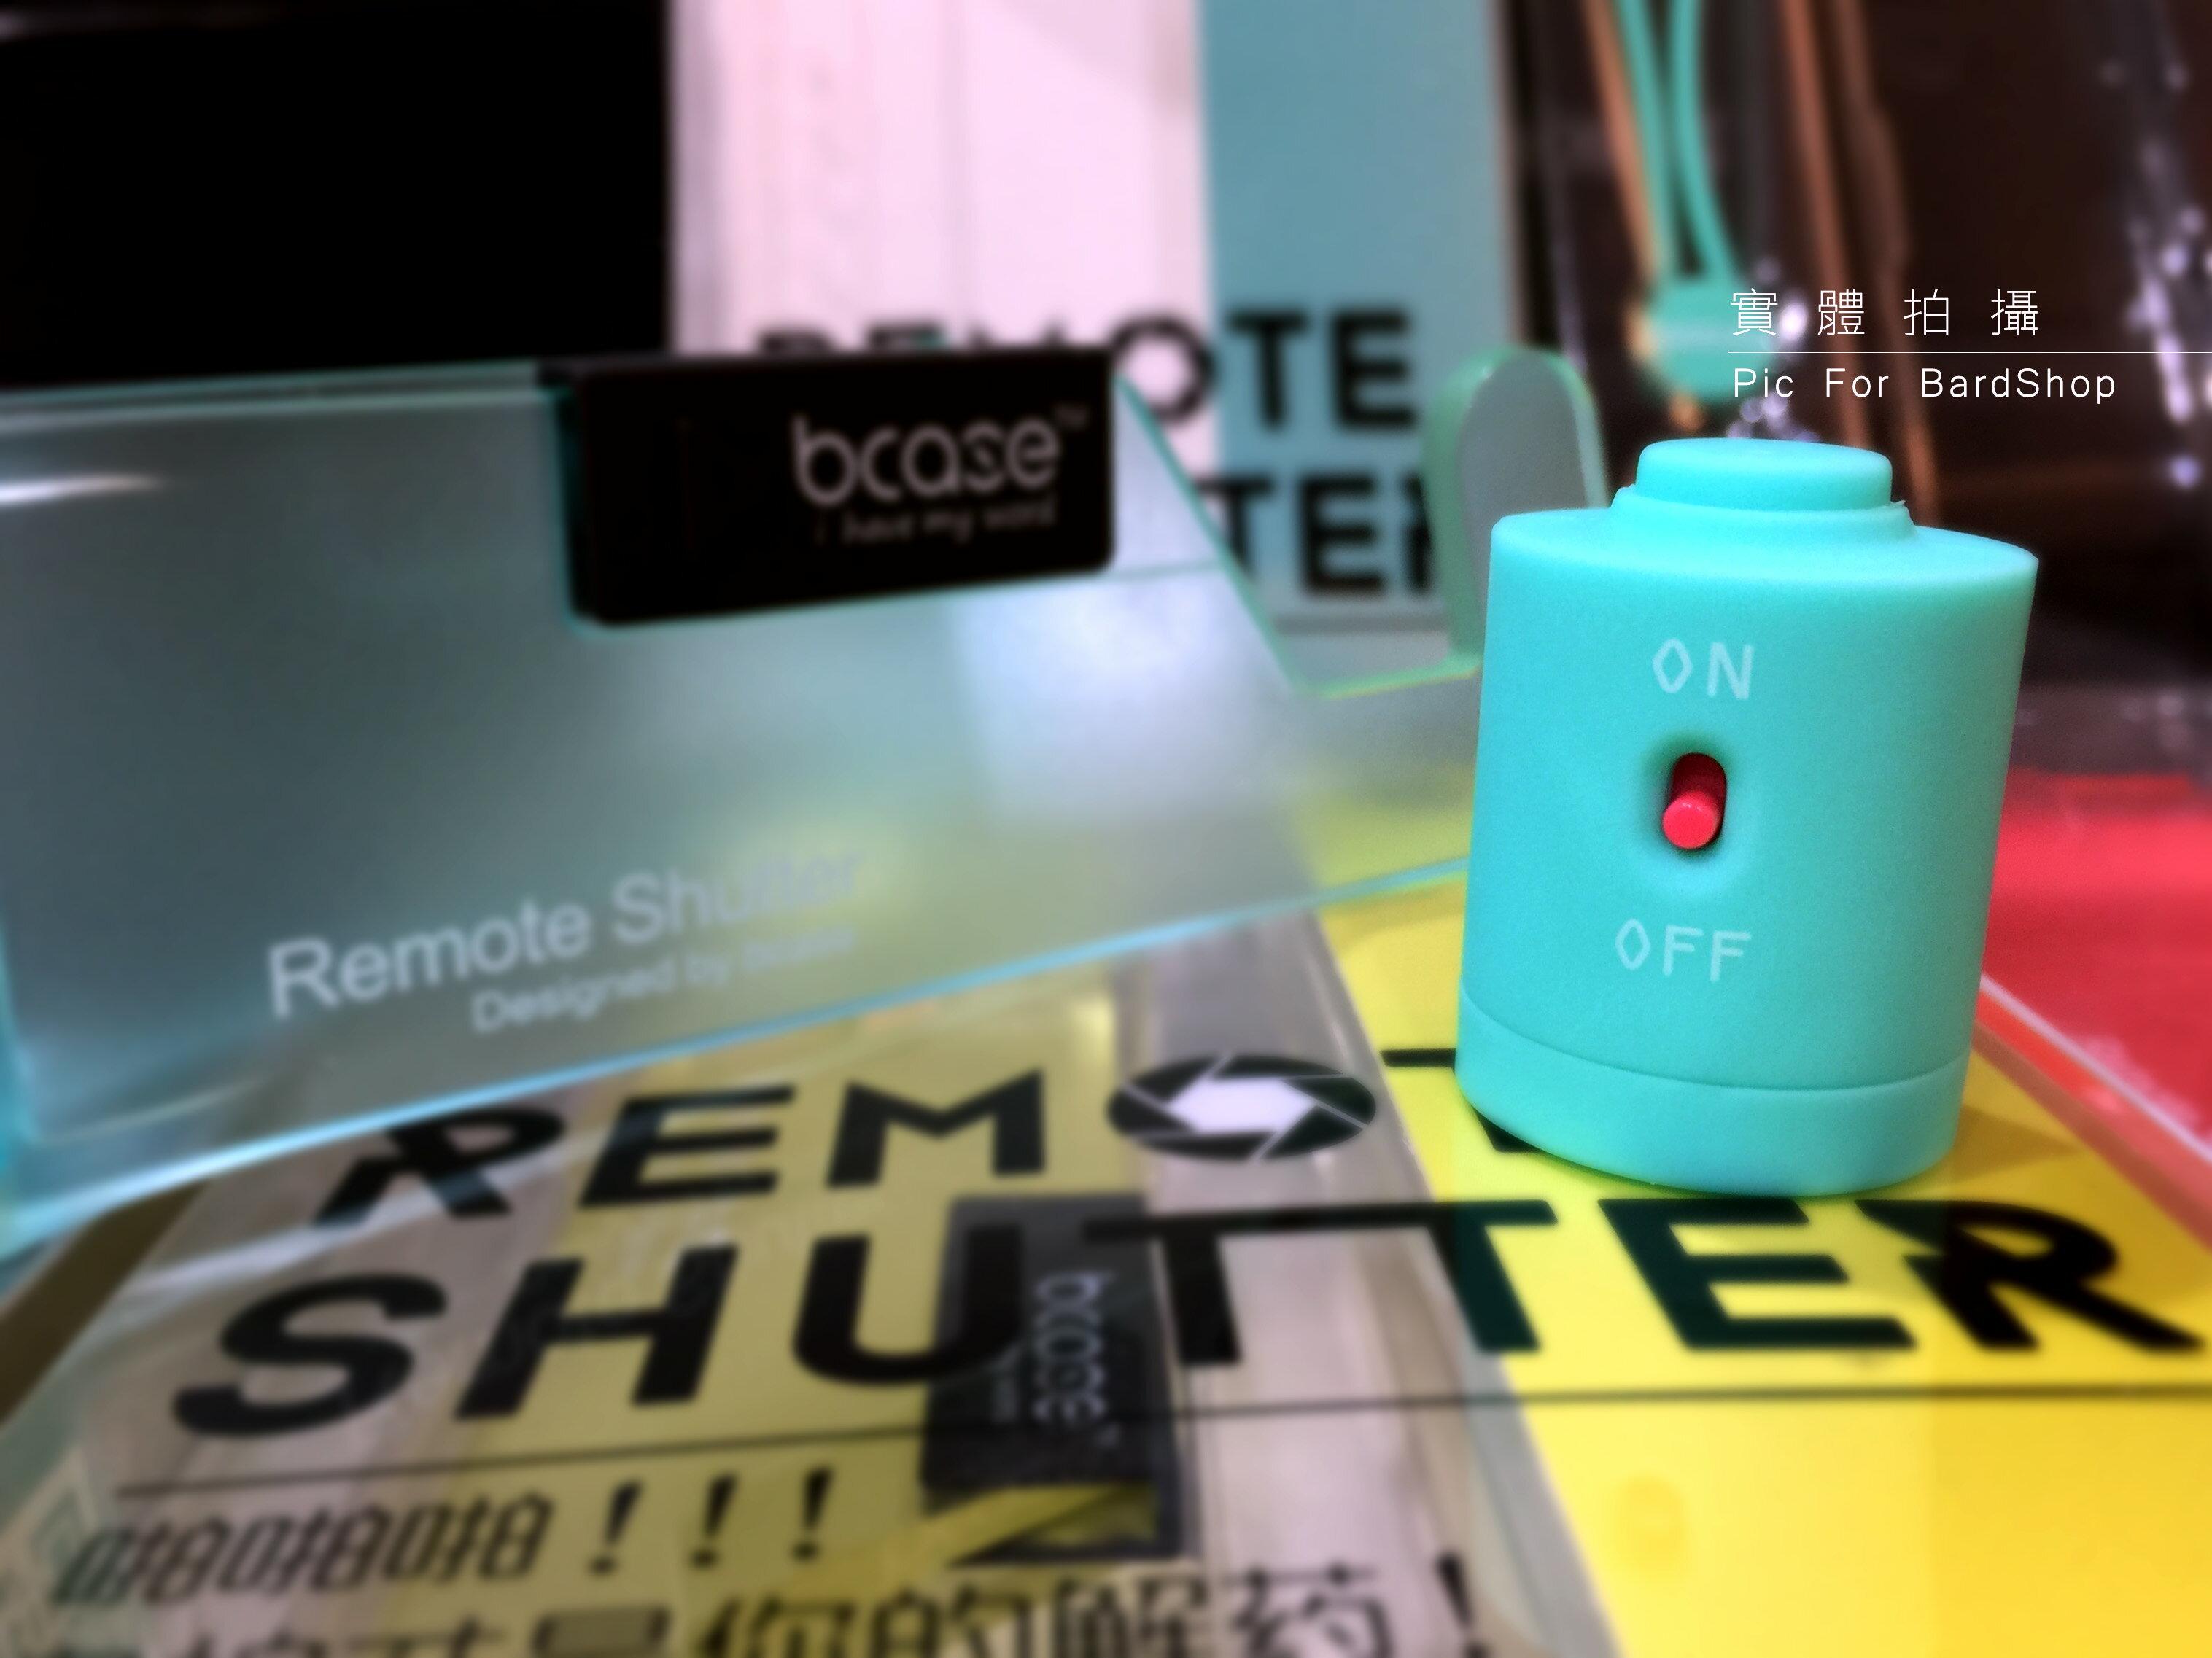 【BardShop 自拍神器】bcase-不求人自拍器 手機支架/藍牙無線自拍/遙控器無線快門 5